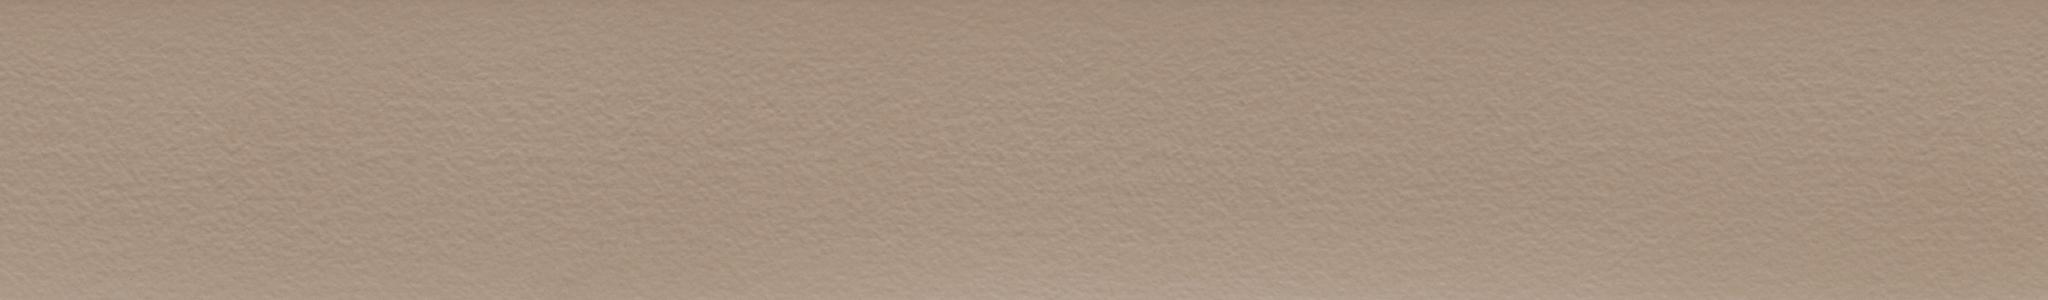 HU 180153 ABS hrana hnědá perla jemná 107